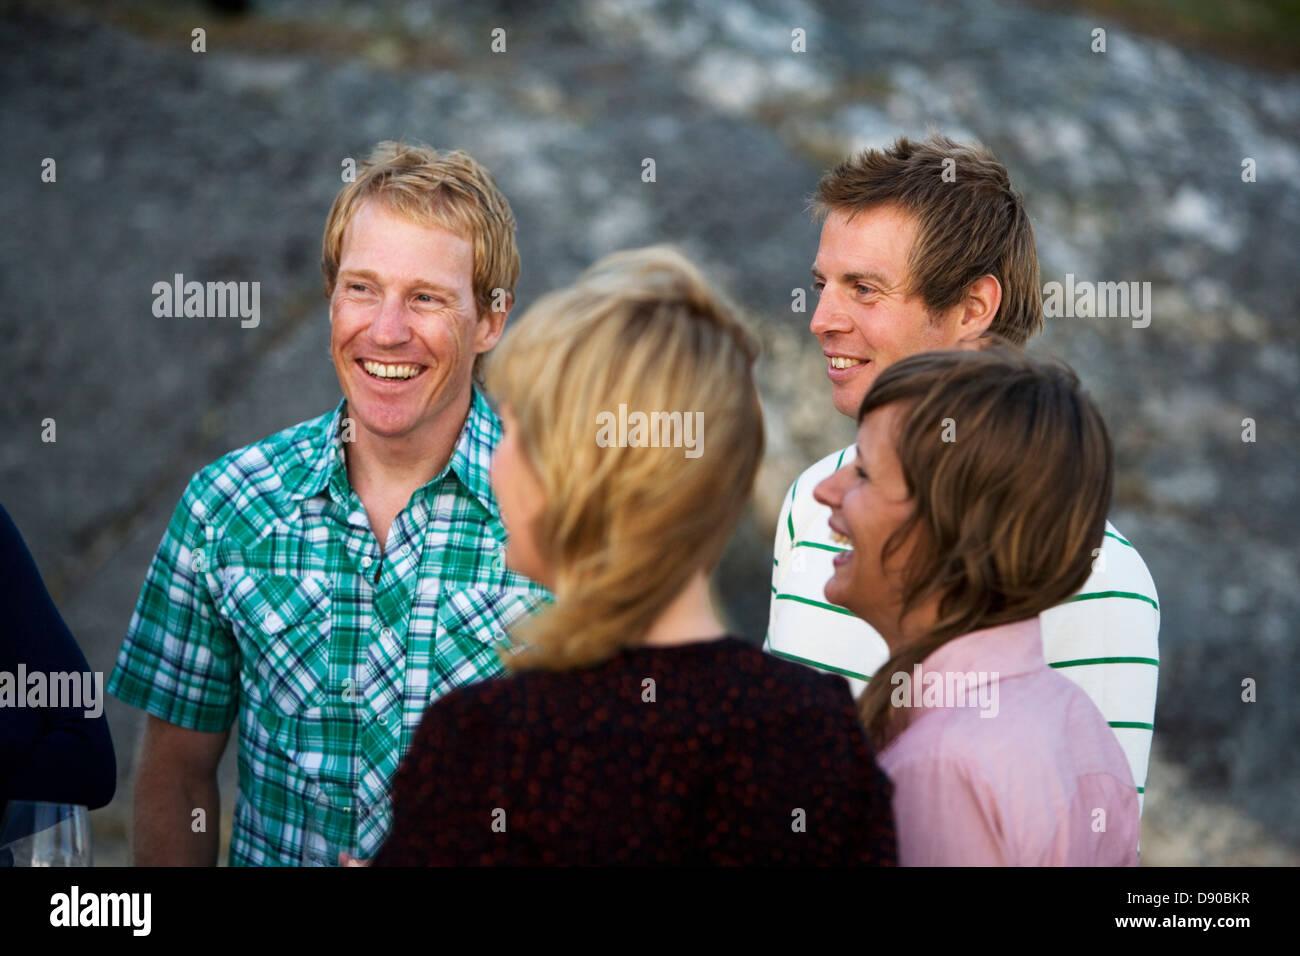 Les amis de passer du temps ensemble, Fejan, archipel de Stockholm, Suède. Banque D'Images